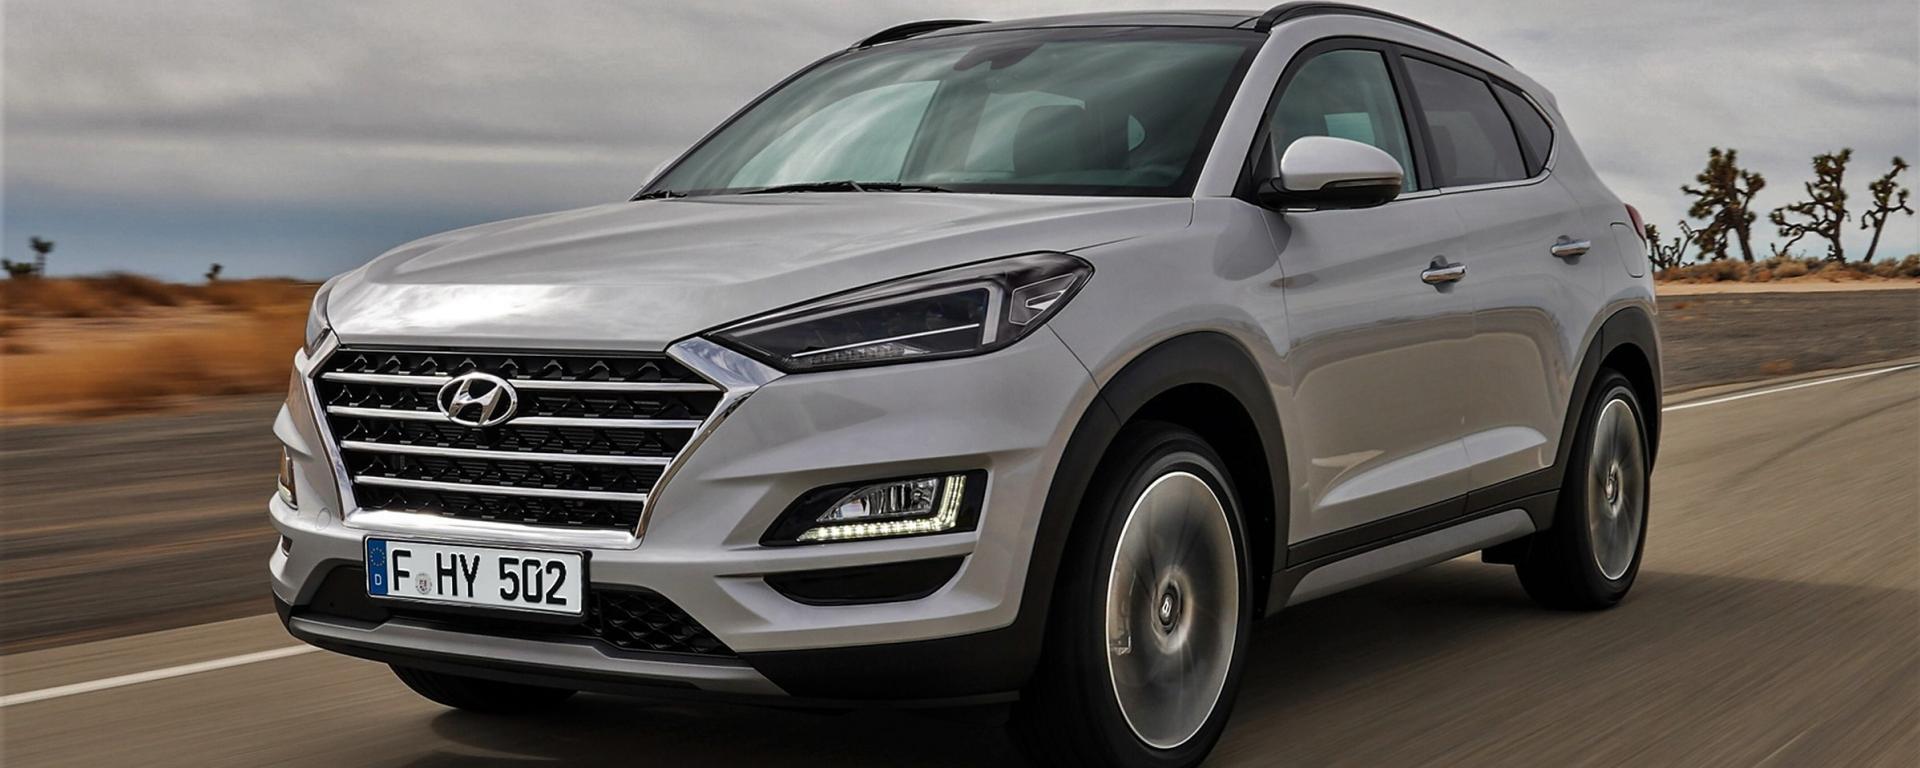 Nuovo Hyundai Tucson tuo a 17.550€